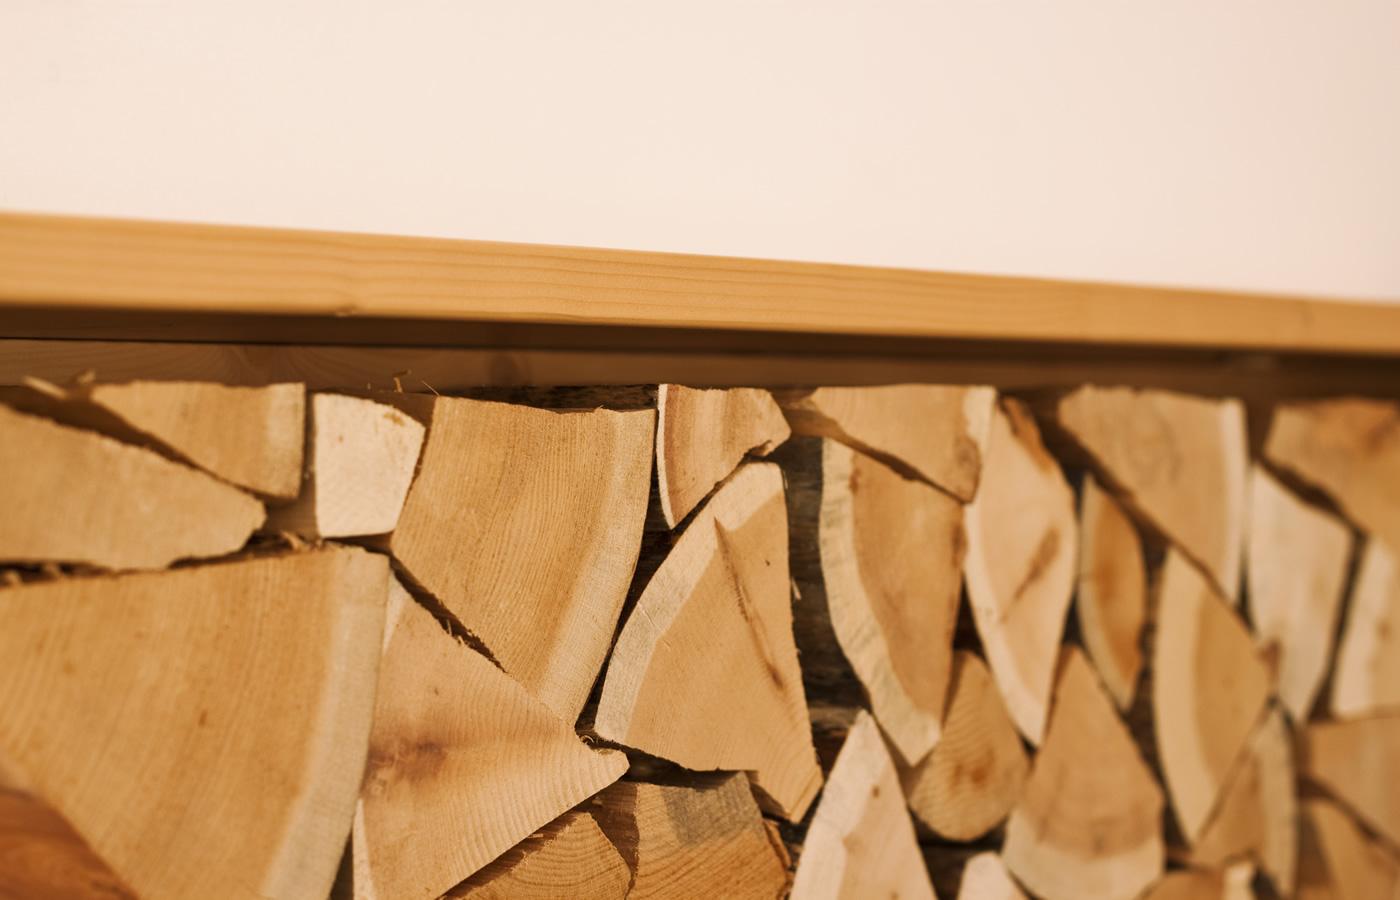 Liebe zum Detail - Holz in seiner schönsten, traditionellsten Form.